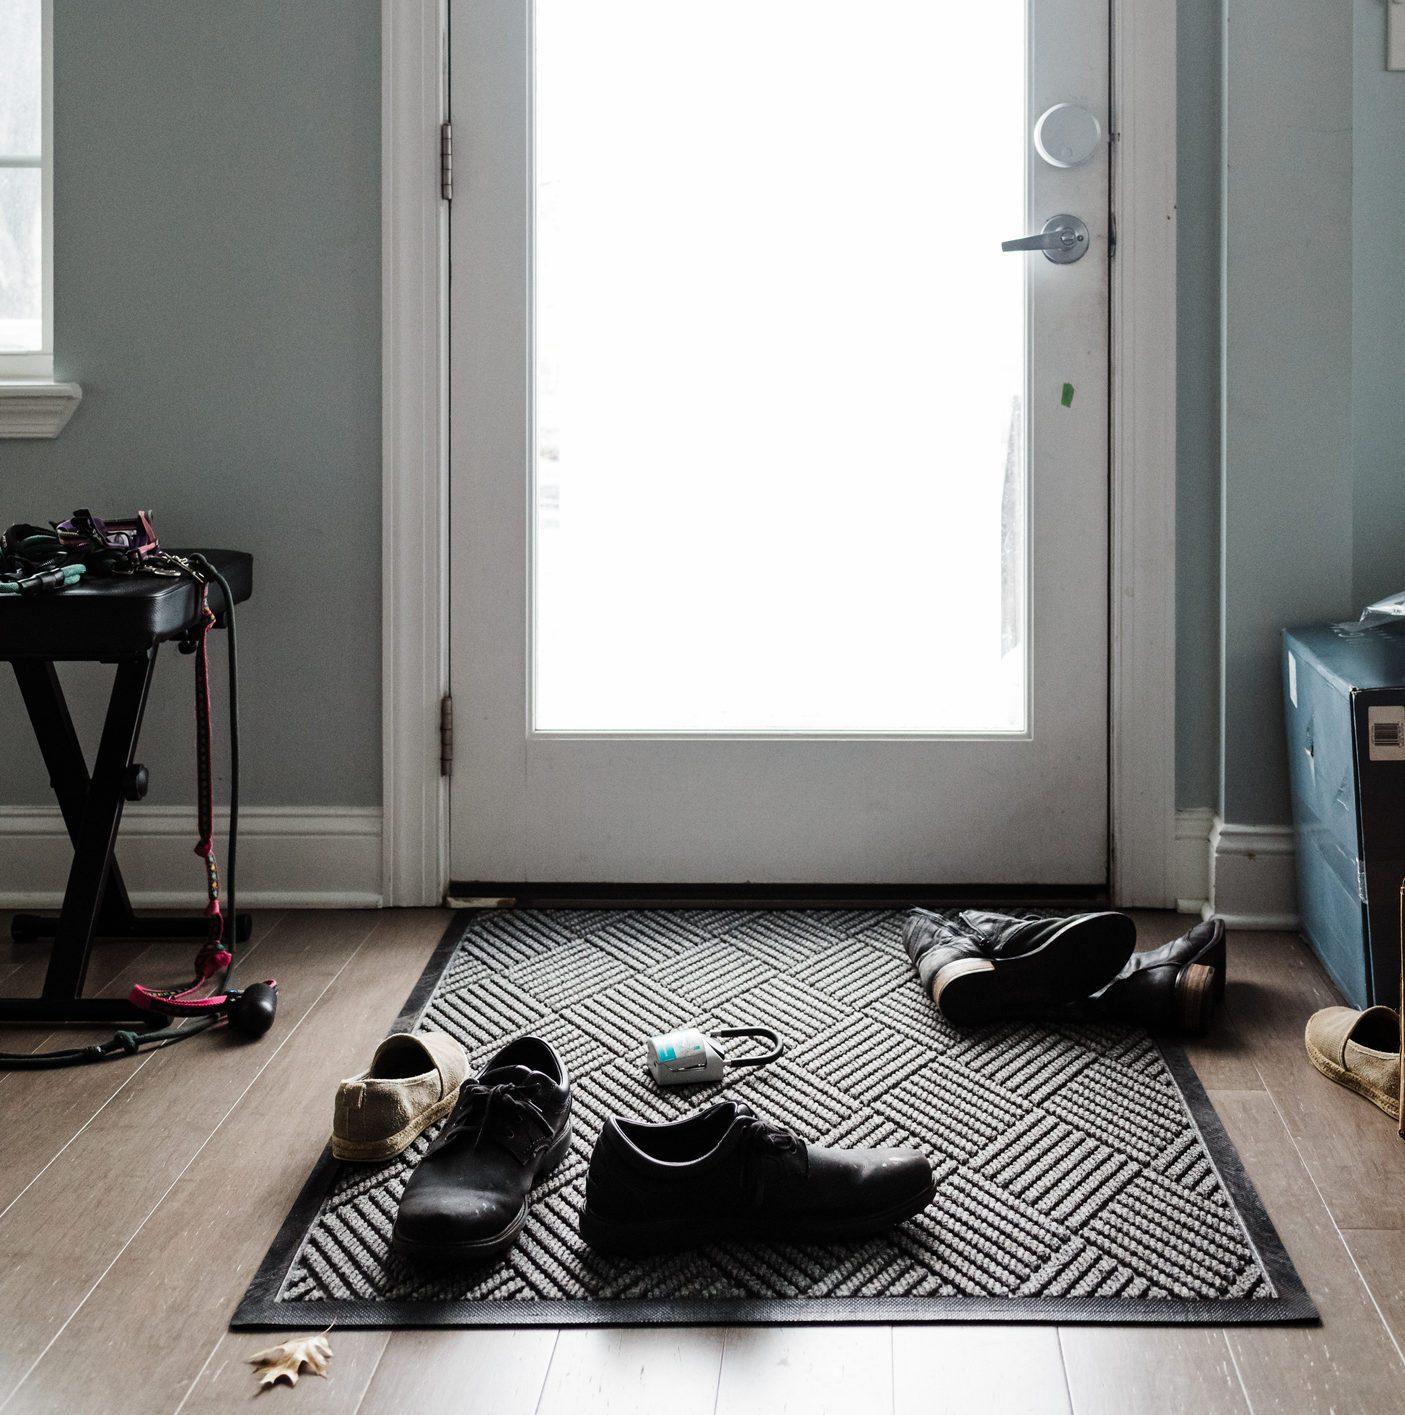 Messy shoes in front of door